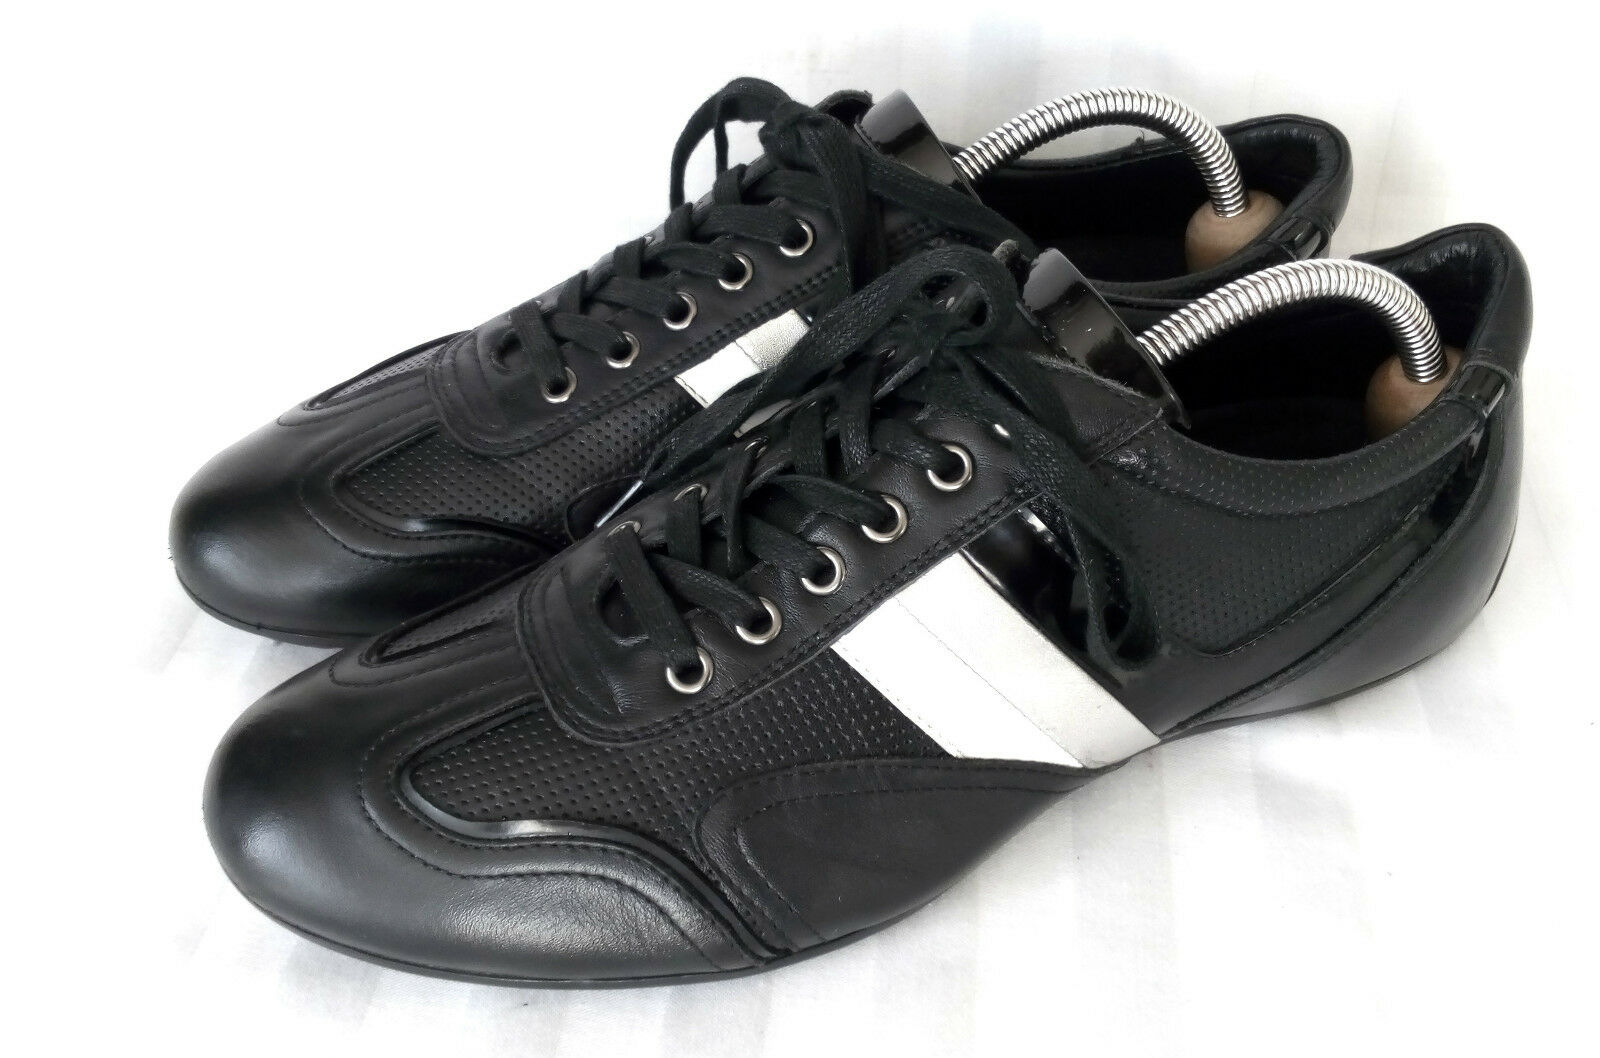 Bata (42) casual zapatos caballero zapatillas negro cuero talla (42) Bata 43 como nuevo 9543e7